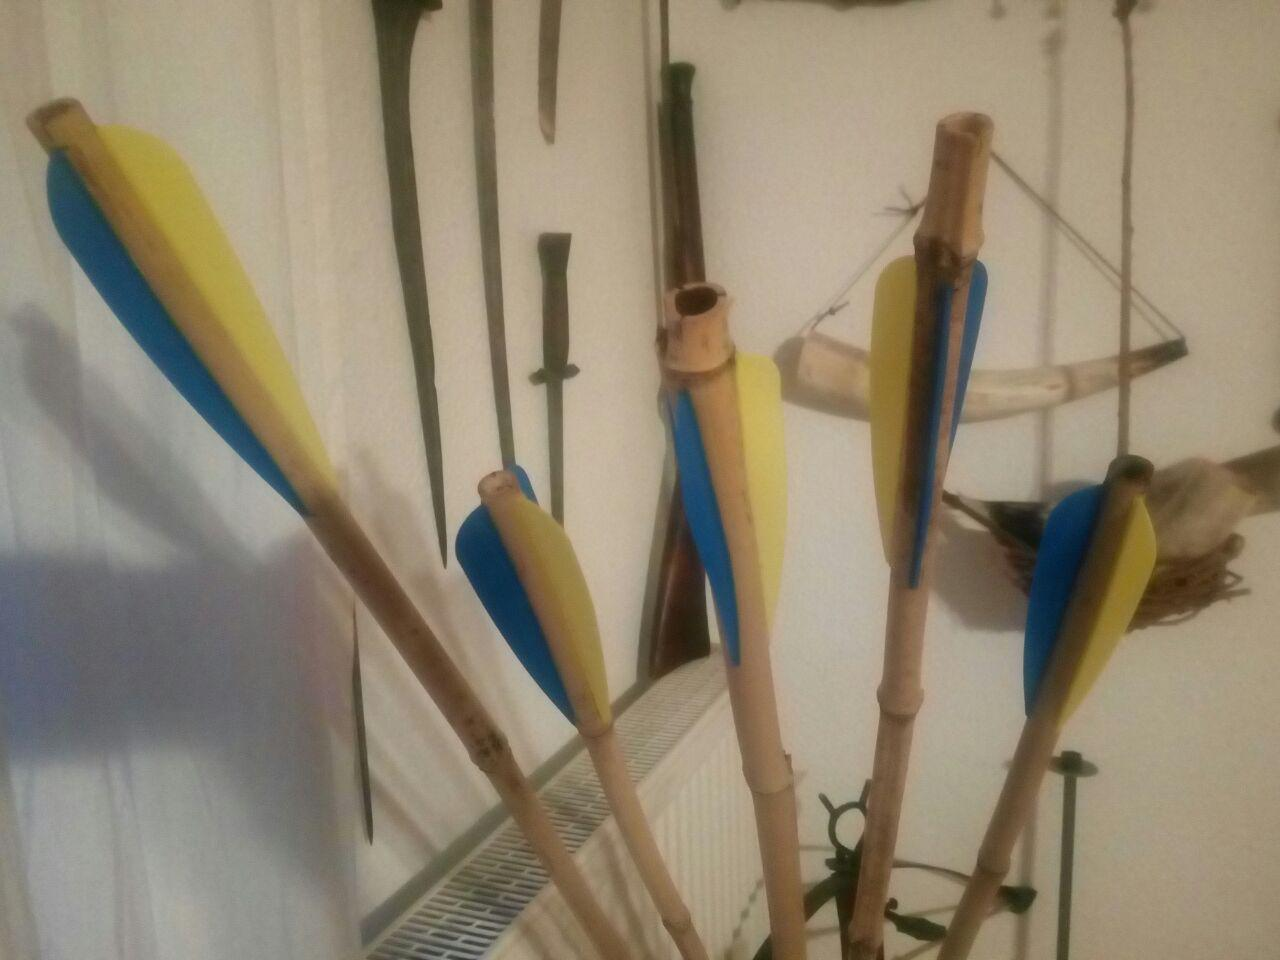 Neue Atlatl-Speere aus Bambus.